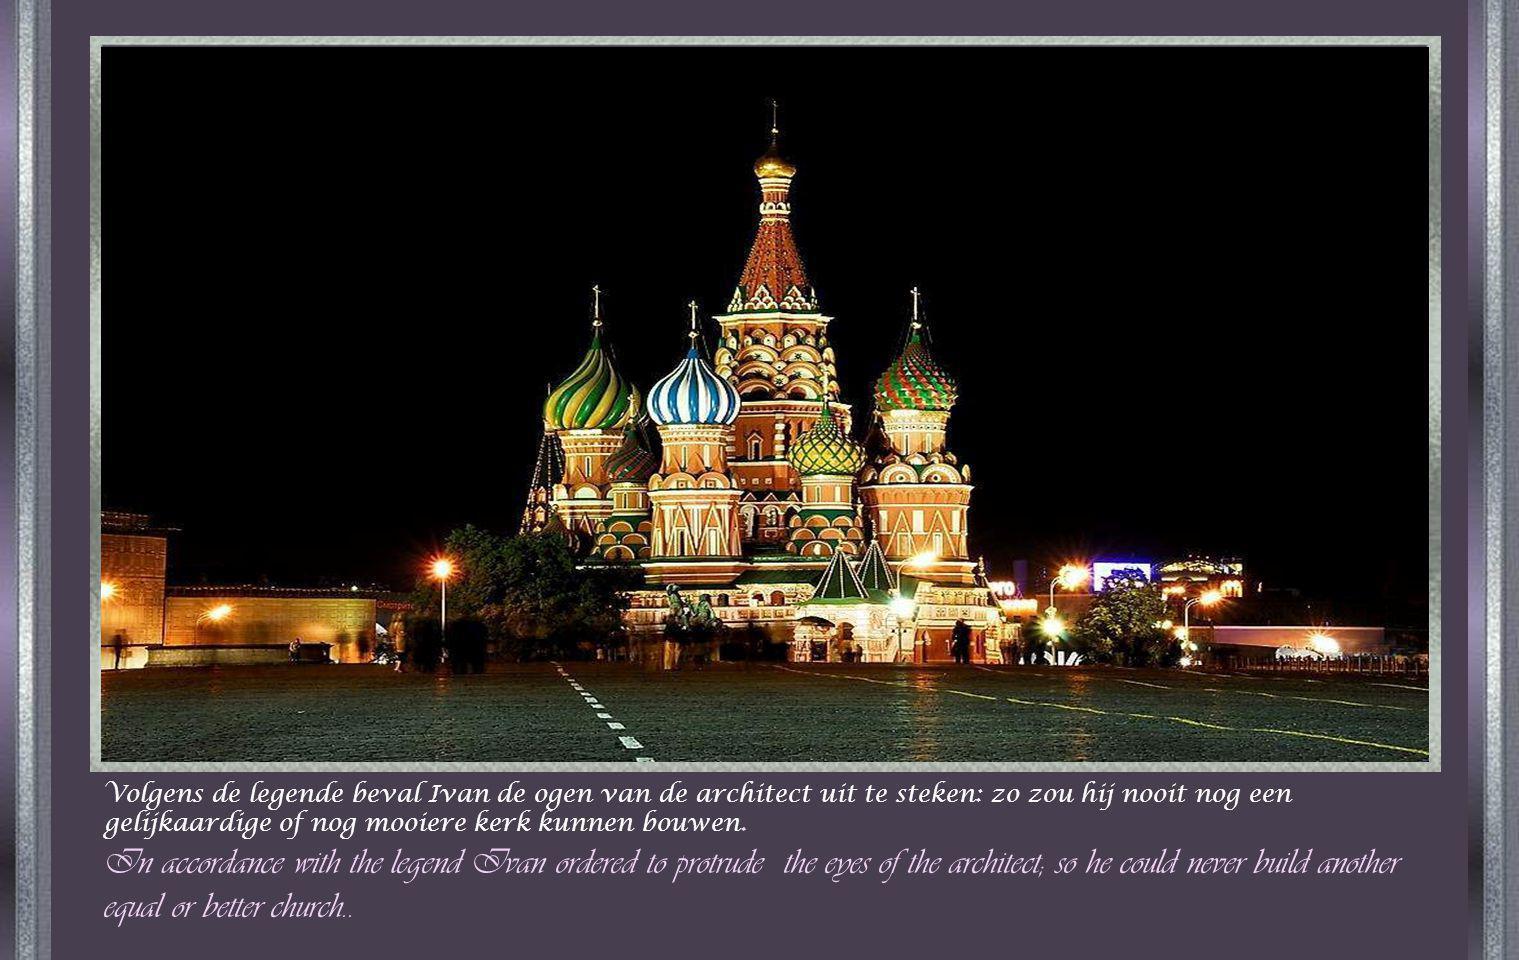 St-Basilius kathedraal Moskou Deze kerk werd in 1555 gebouwd op vraag van Tsaar Ivan de Verschrikkelijke: het is een juweeltje van wereld architectuur Constructed in 1555 on request of Tsar Ivan the Terrible, it is a jewel of world architecture